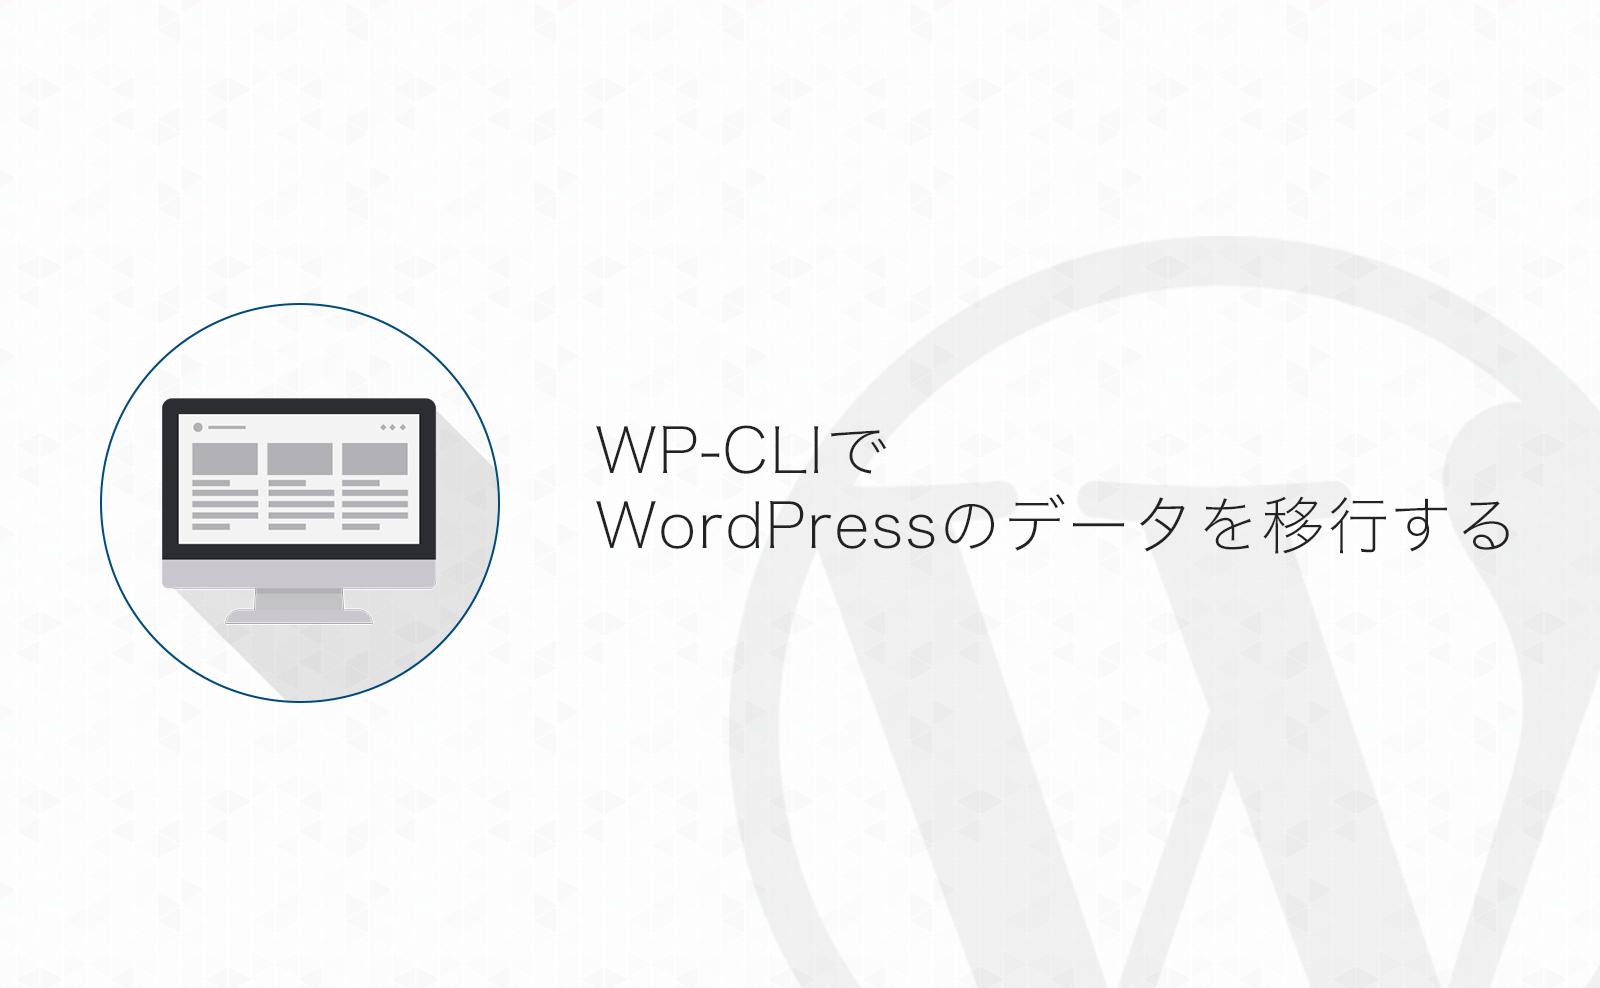 WordPressのDBデータをWP-CLIを使ってインポート・エクスポート・ドメイン置換する手順メモ